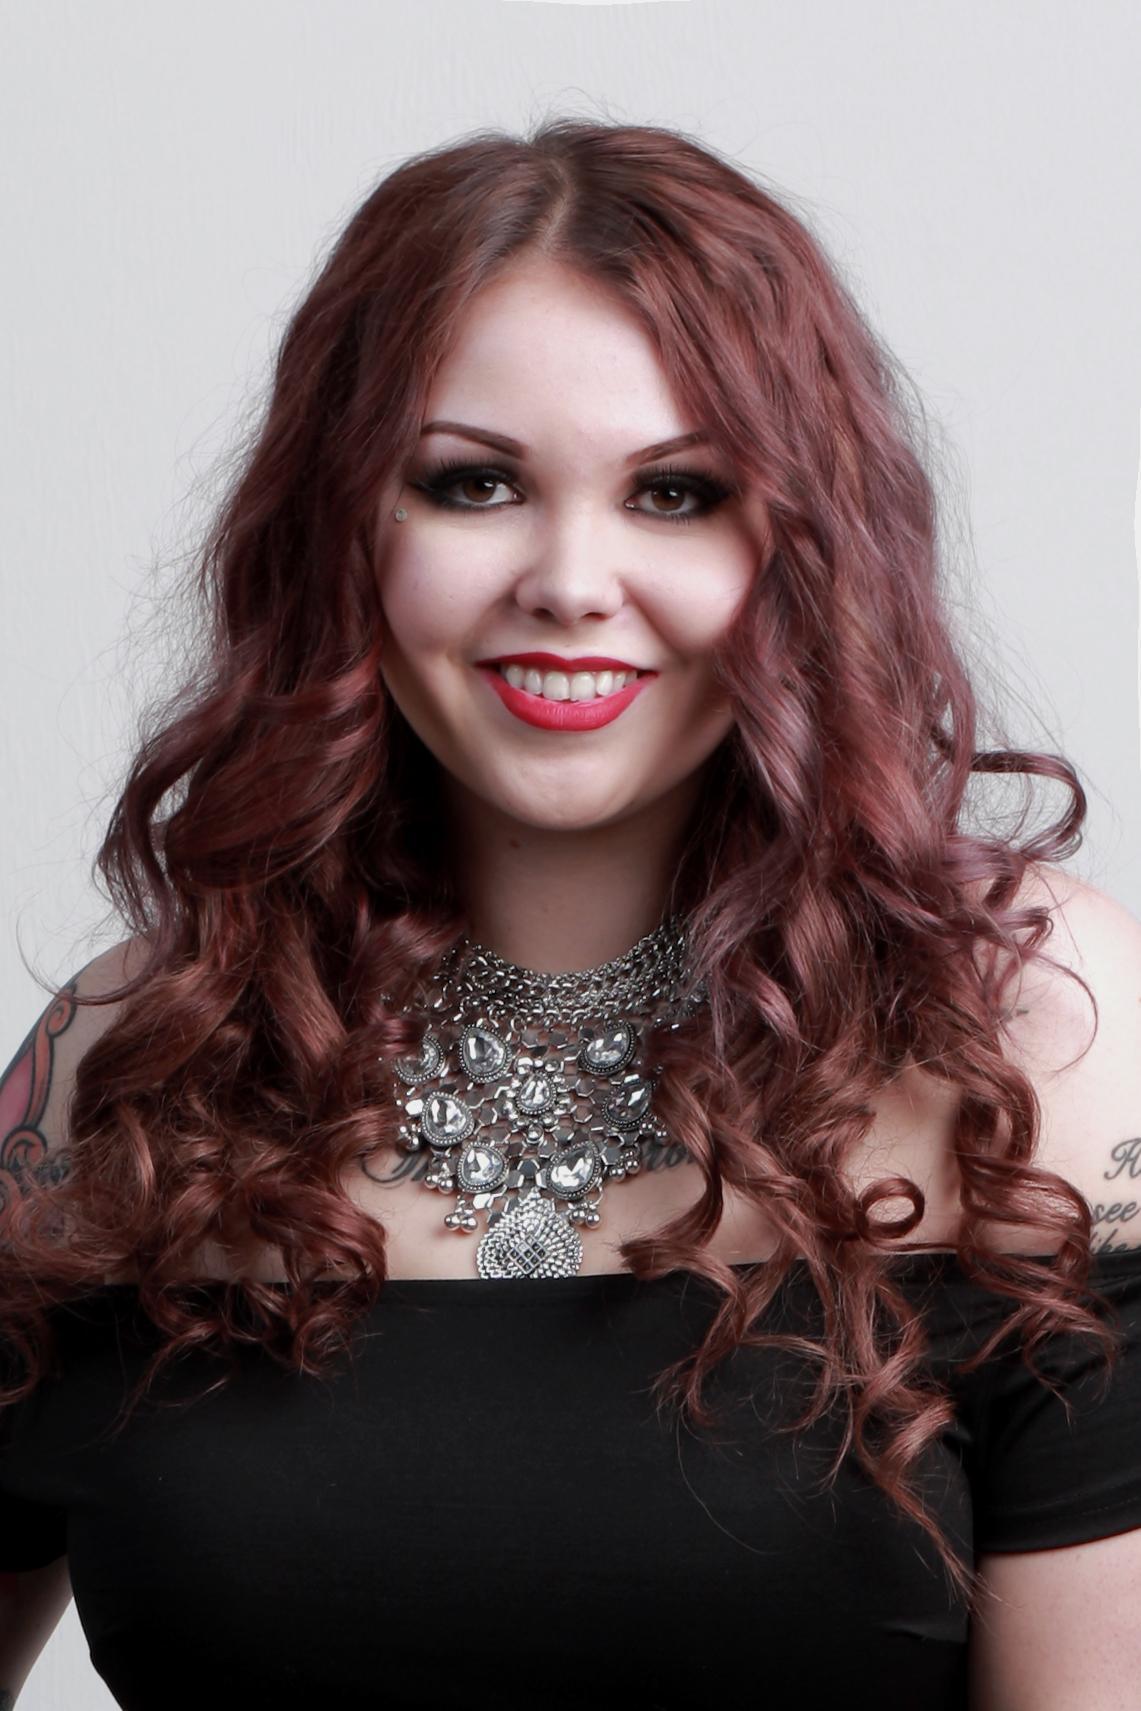 Emma-Sofia Lehto